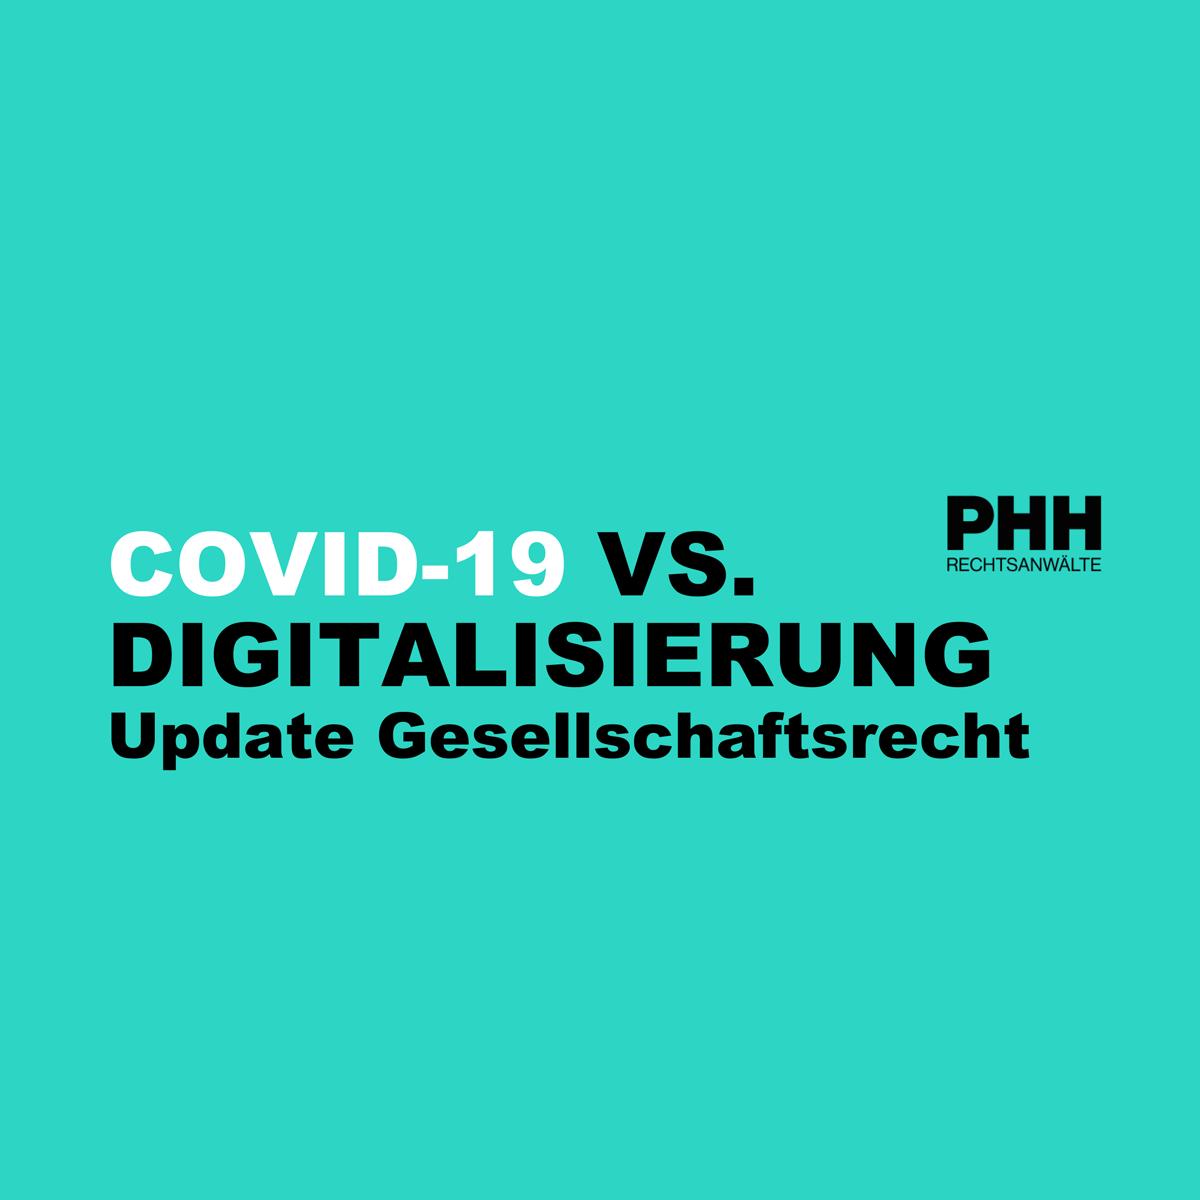 COVID-19: Update Gesellschaftsrecht